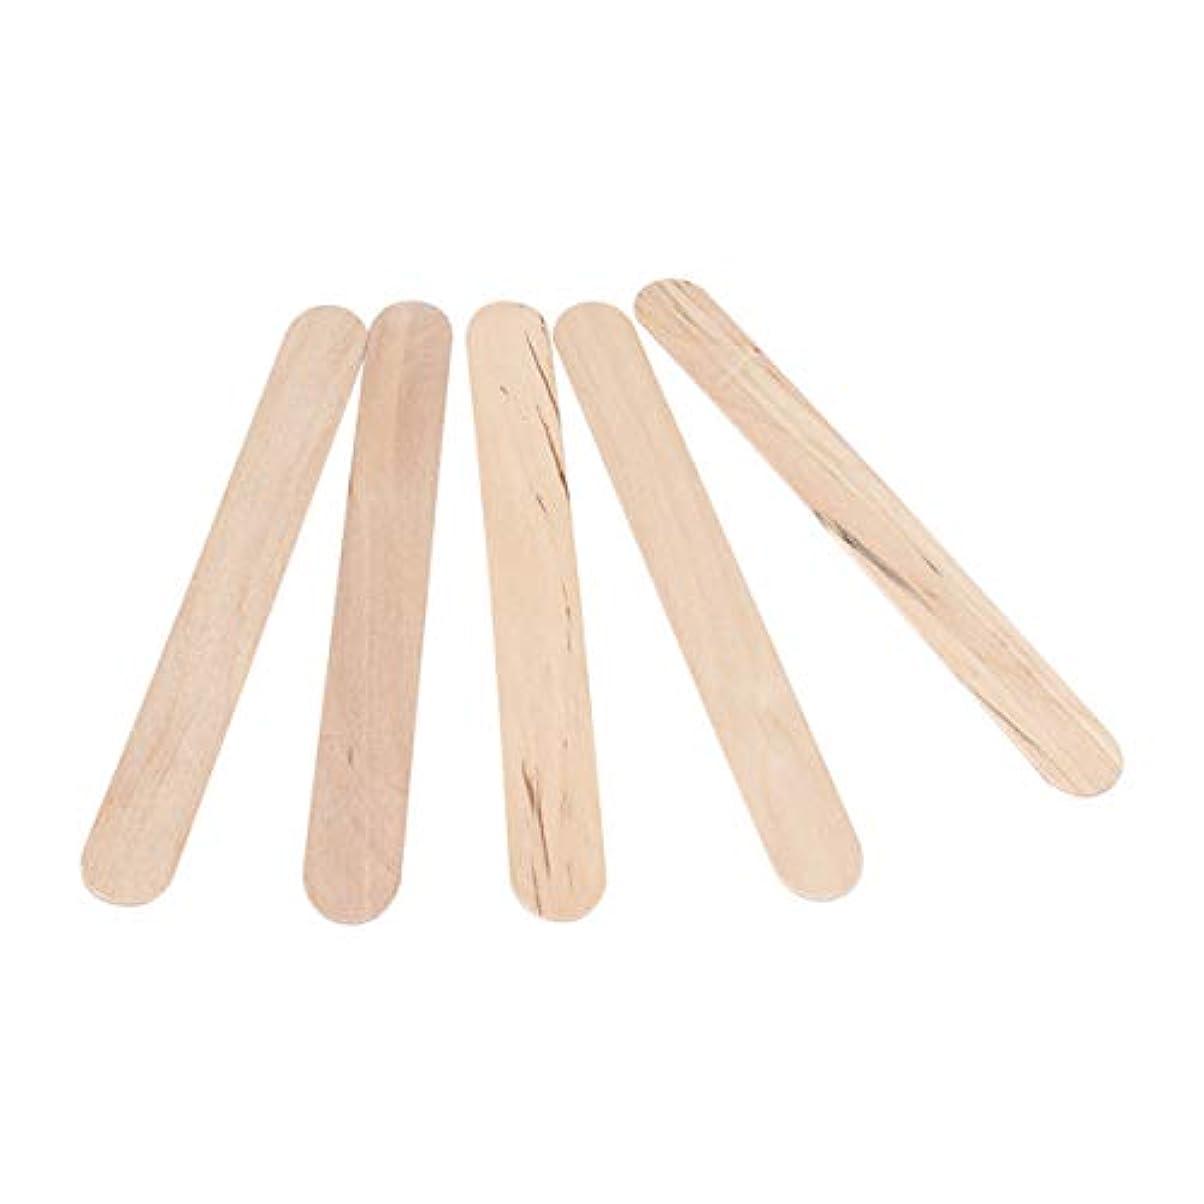 勝者満たすアイドルSTOBOK 300PCSワックスは使い捨てワックスへらスティック木製のワックス塗布器は、木材舌圧子木製のアイスキャンデークラフトスティックスティック